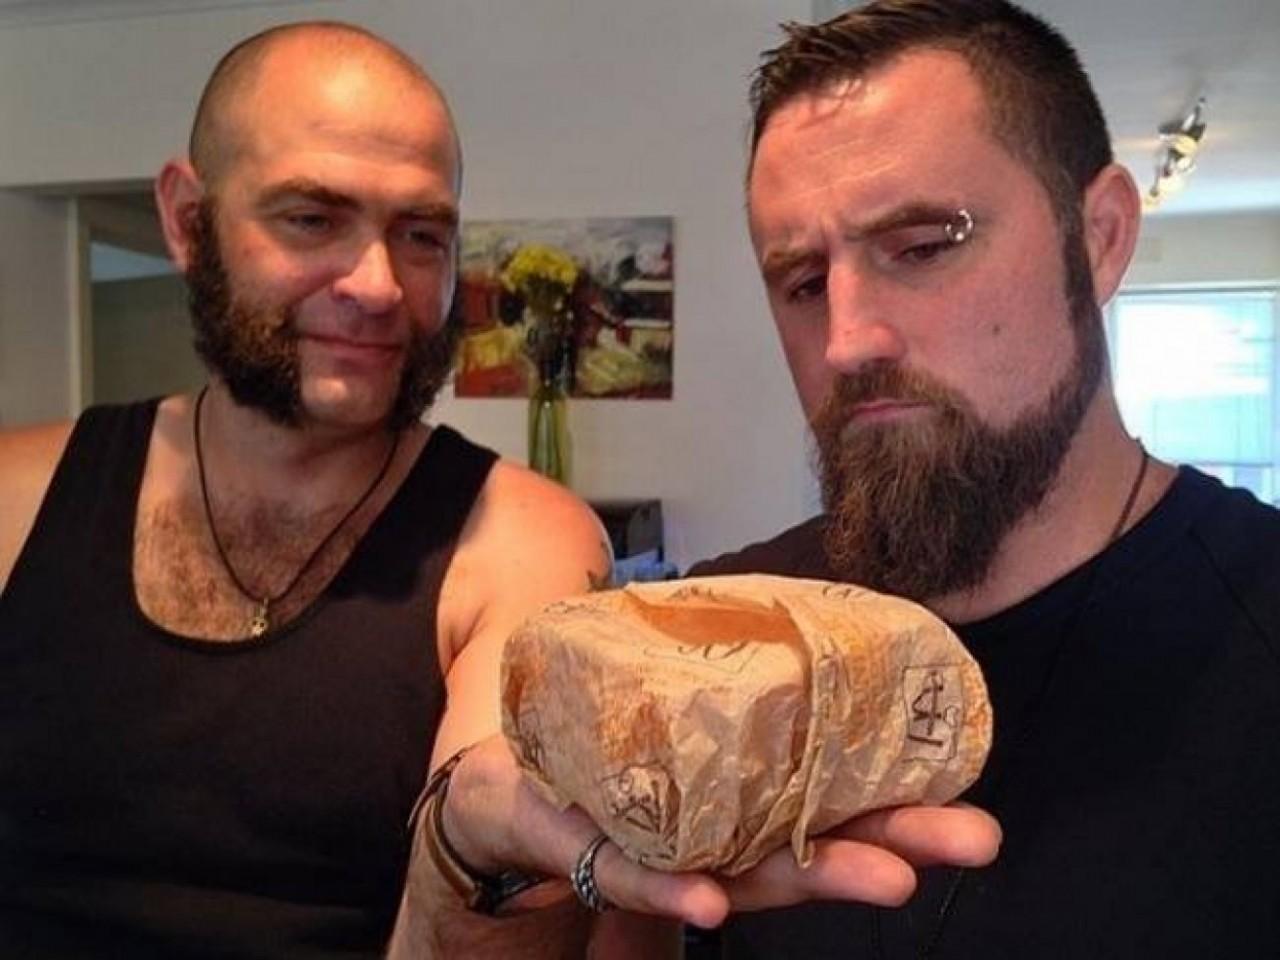 Хотите увидеть чизбургер, который 20 лет пролежал в коробке? — Eщё